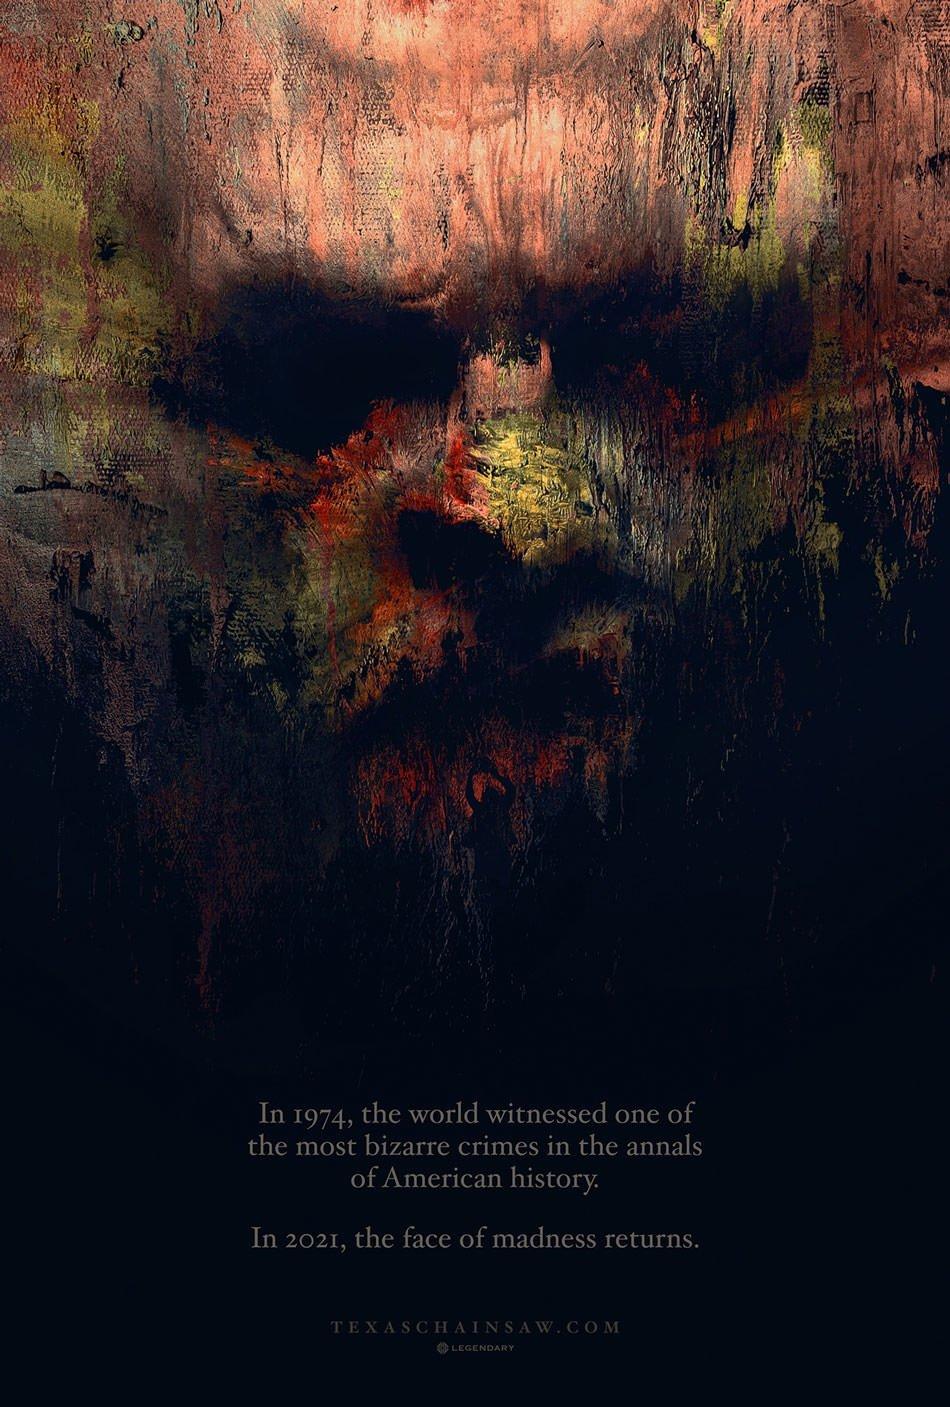 پوستر فیلم ریبوت Texas Chainsaw Massacre چهره «صورت چرمی» را نشان میدهد 1